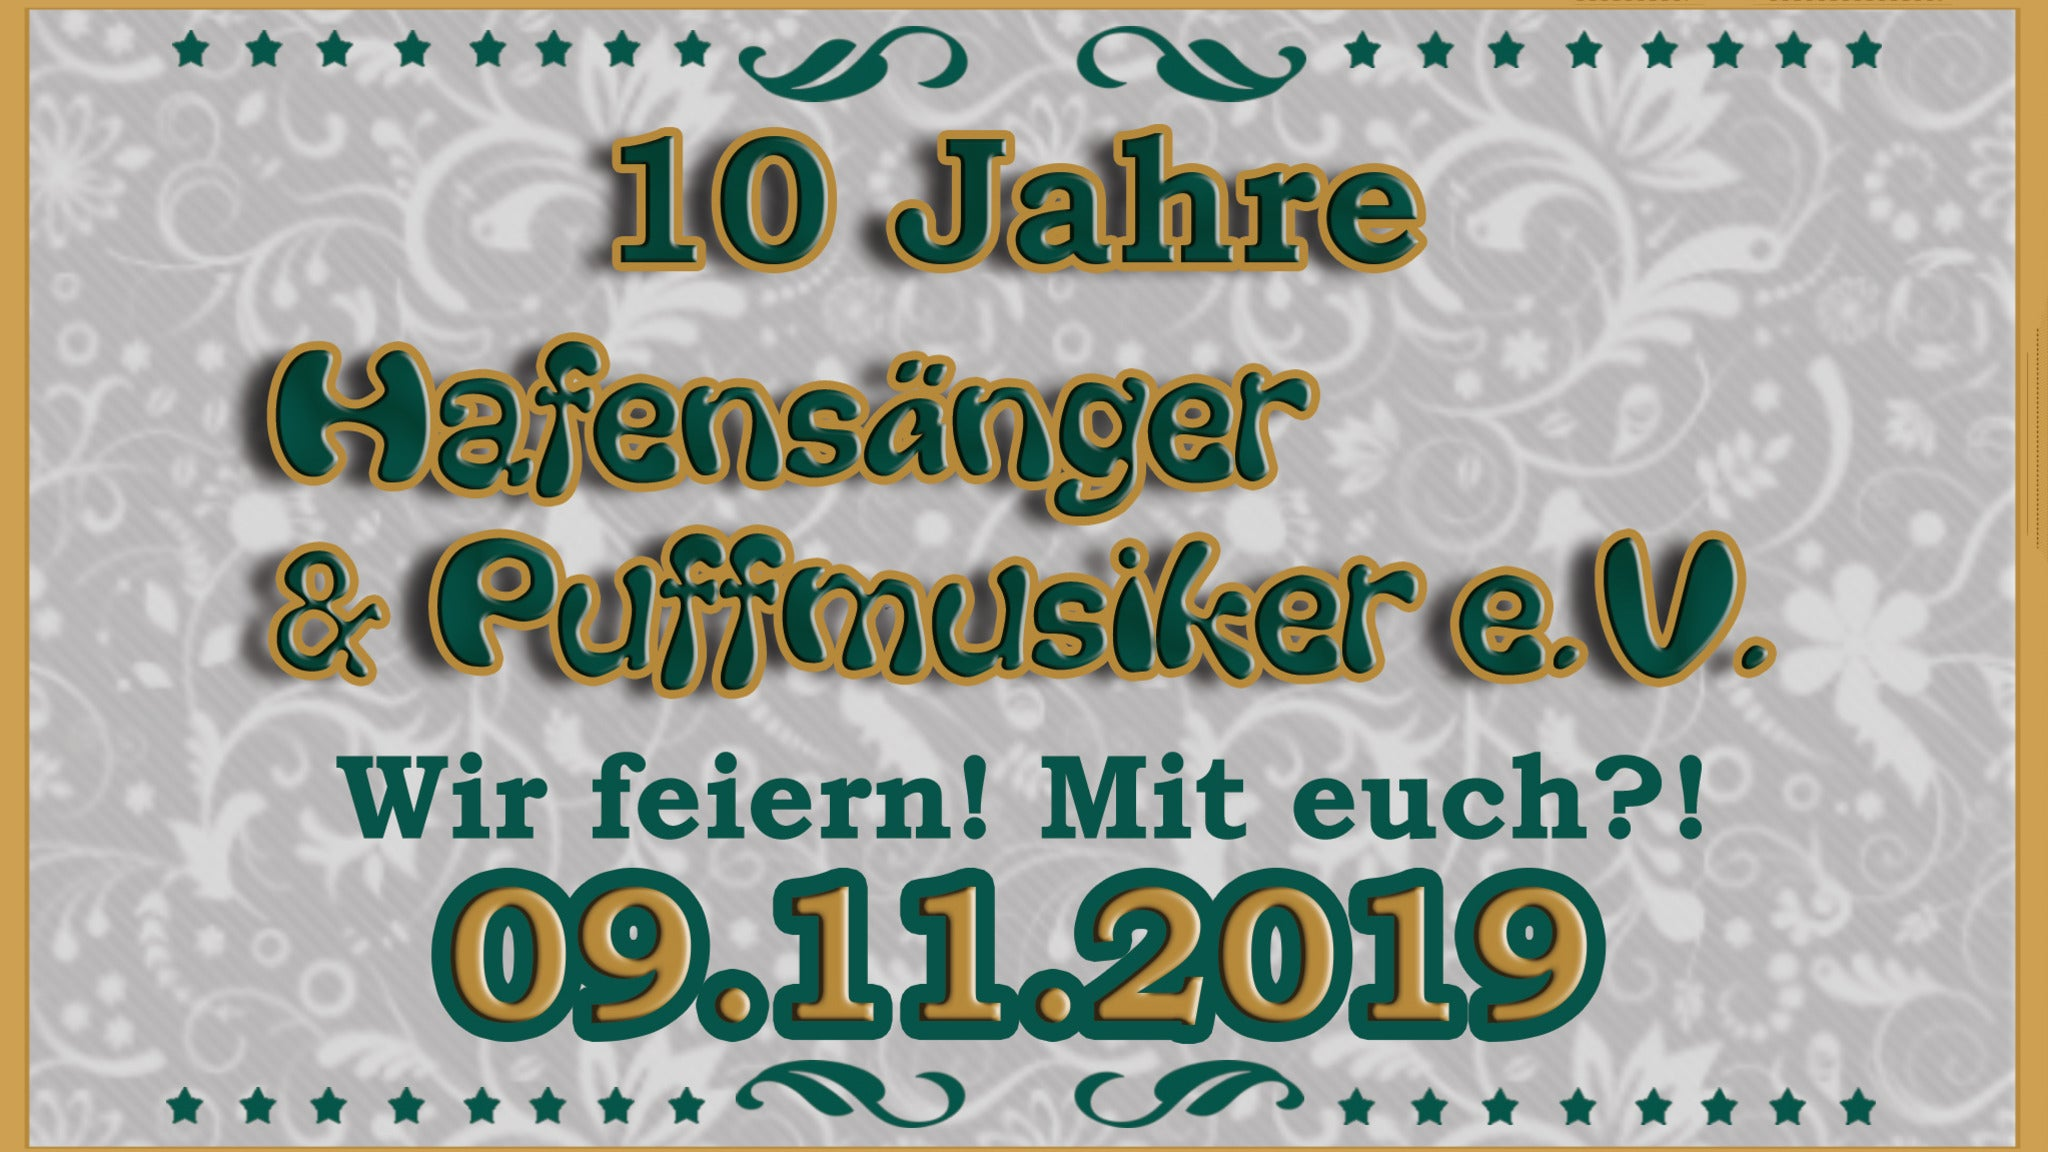 Tickets & Infos von 10 Jahre Hafensänger & Puffmusiker